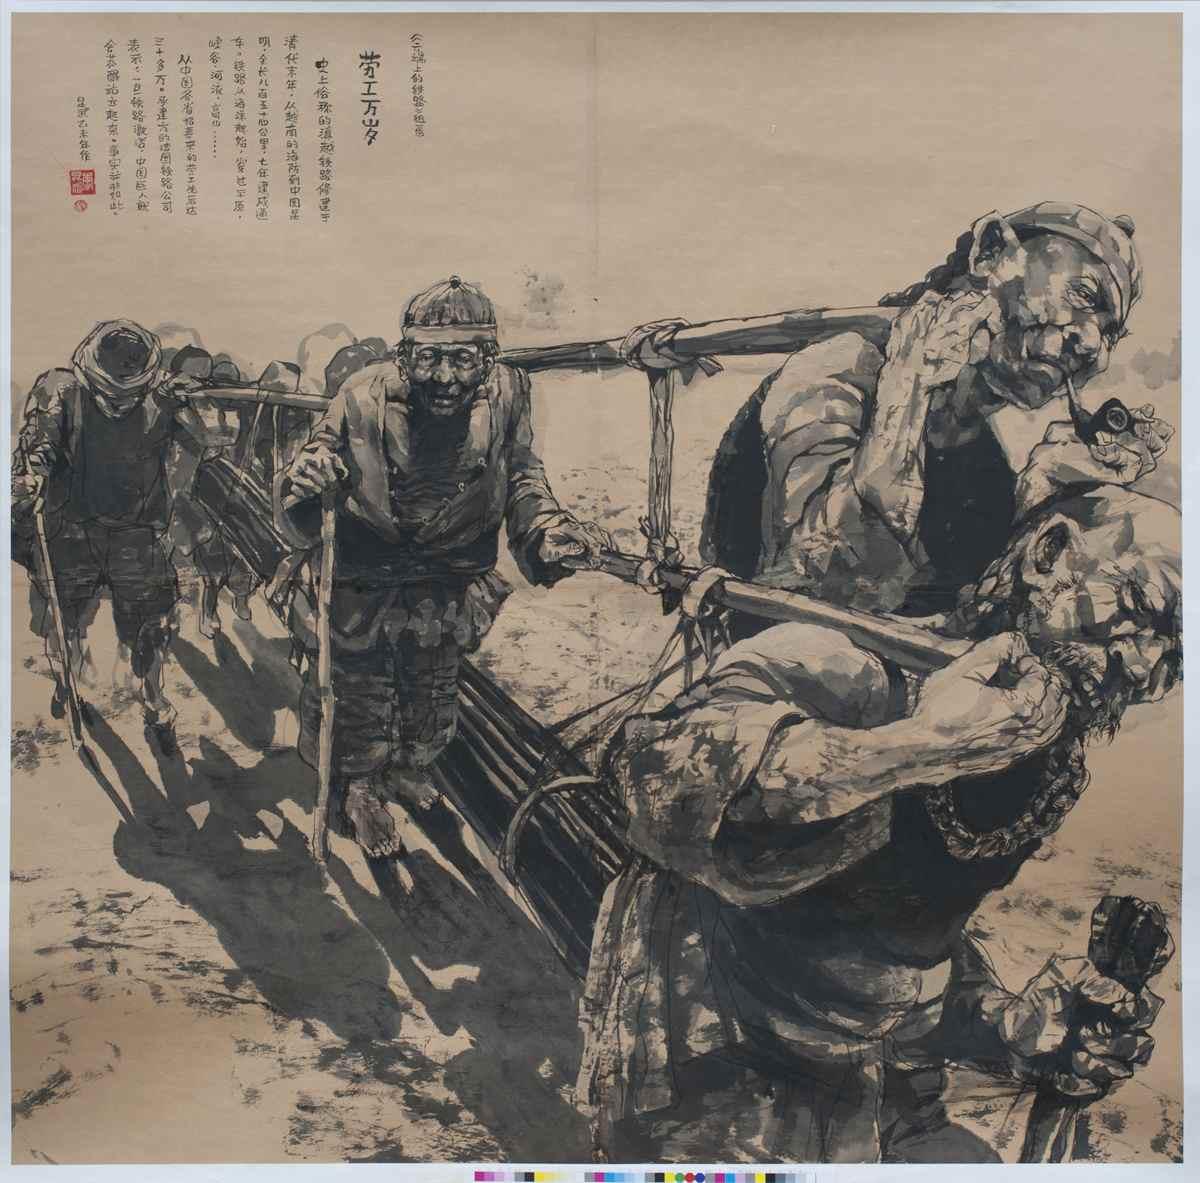 Hommage aux travailleurs 劳工万岁 © Li Kunwu, 2015, 156 X 156 cm